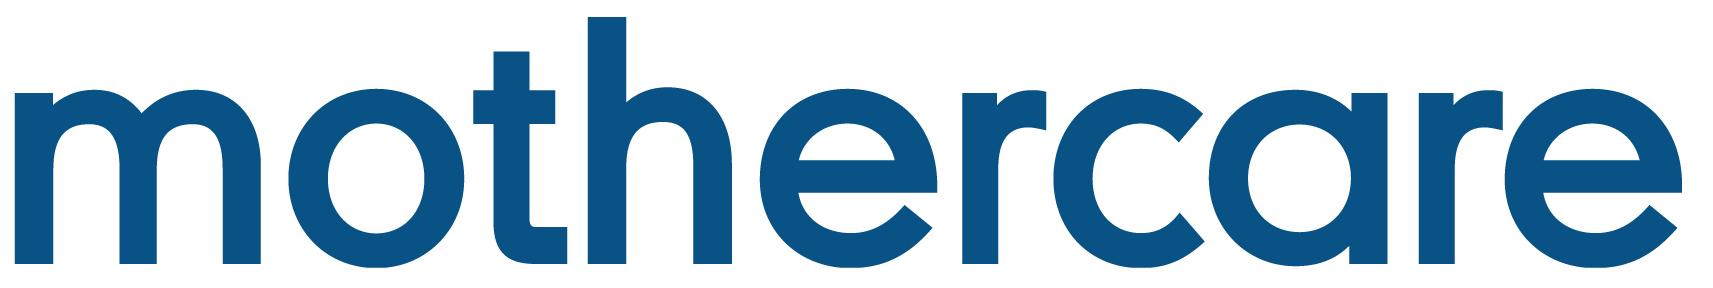 mothercare the shop logo